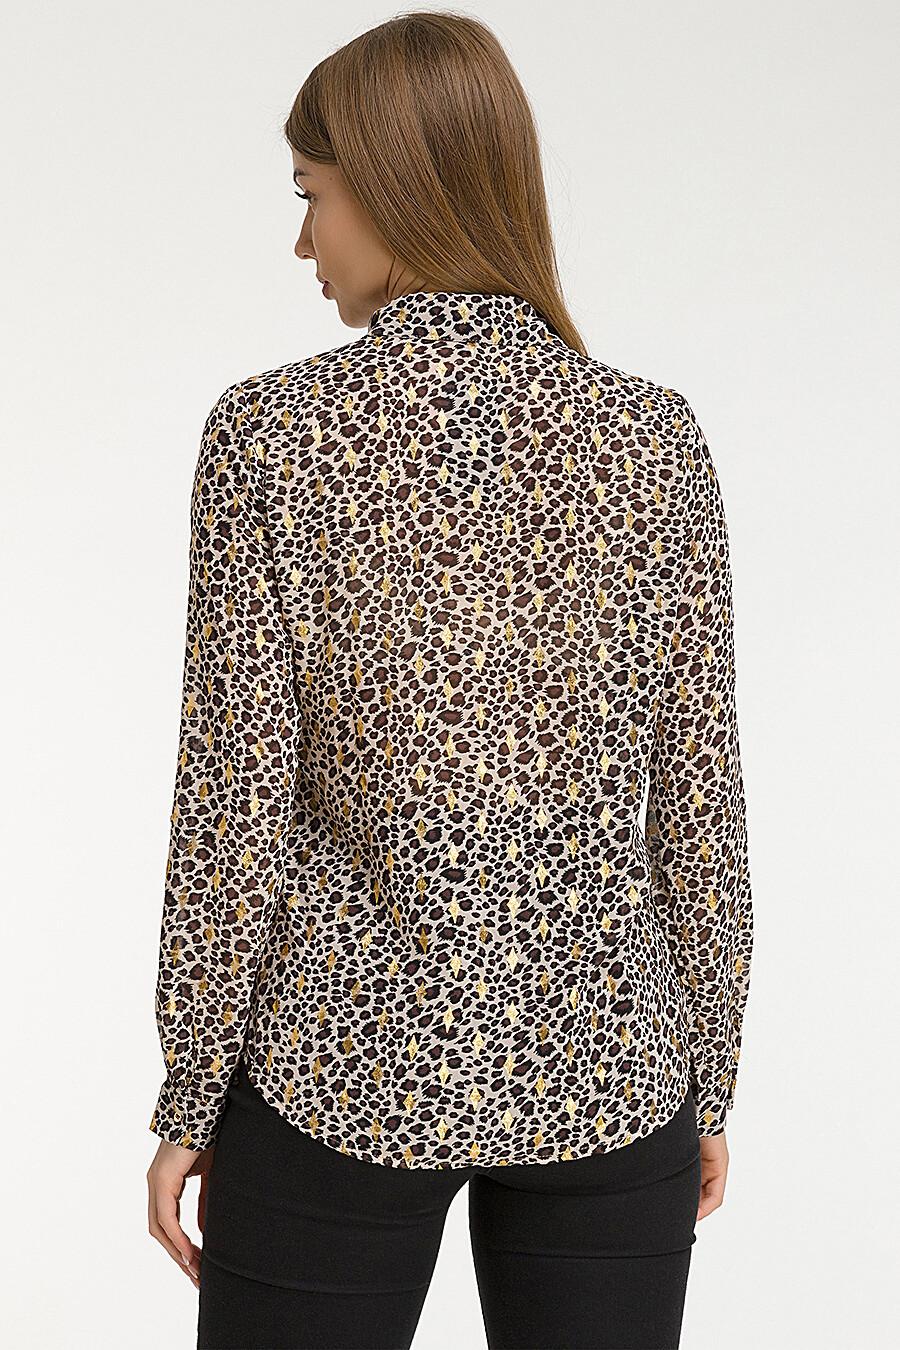 Блуза MODALIME (272315), купить в Moyo.moda